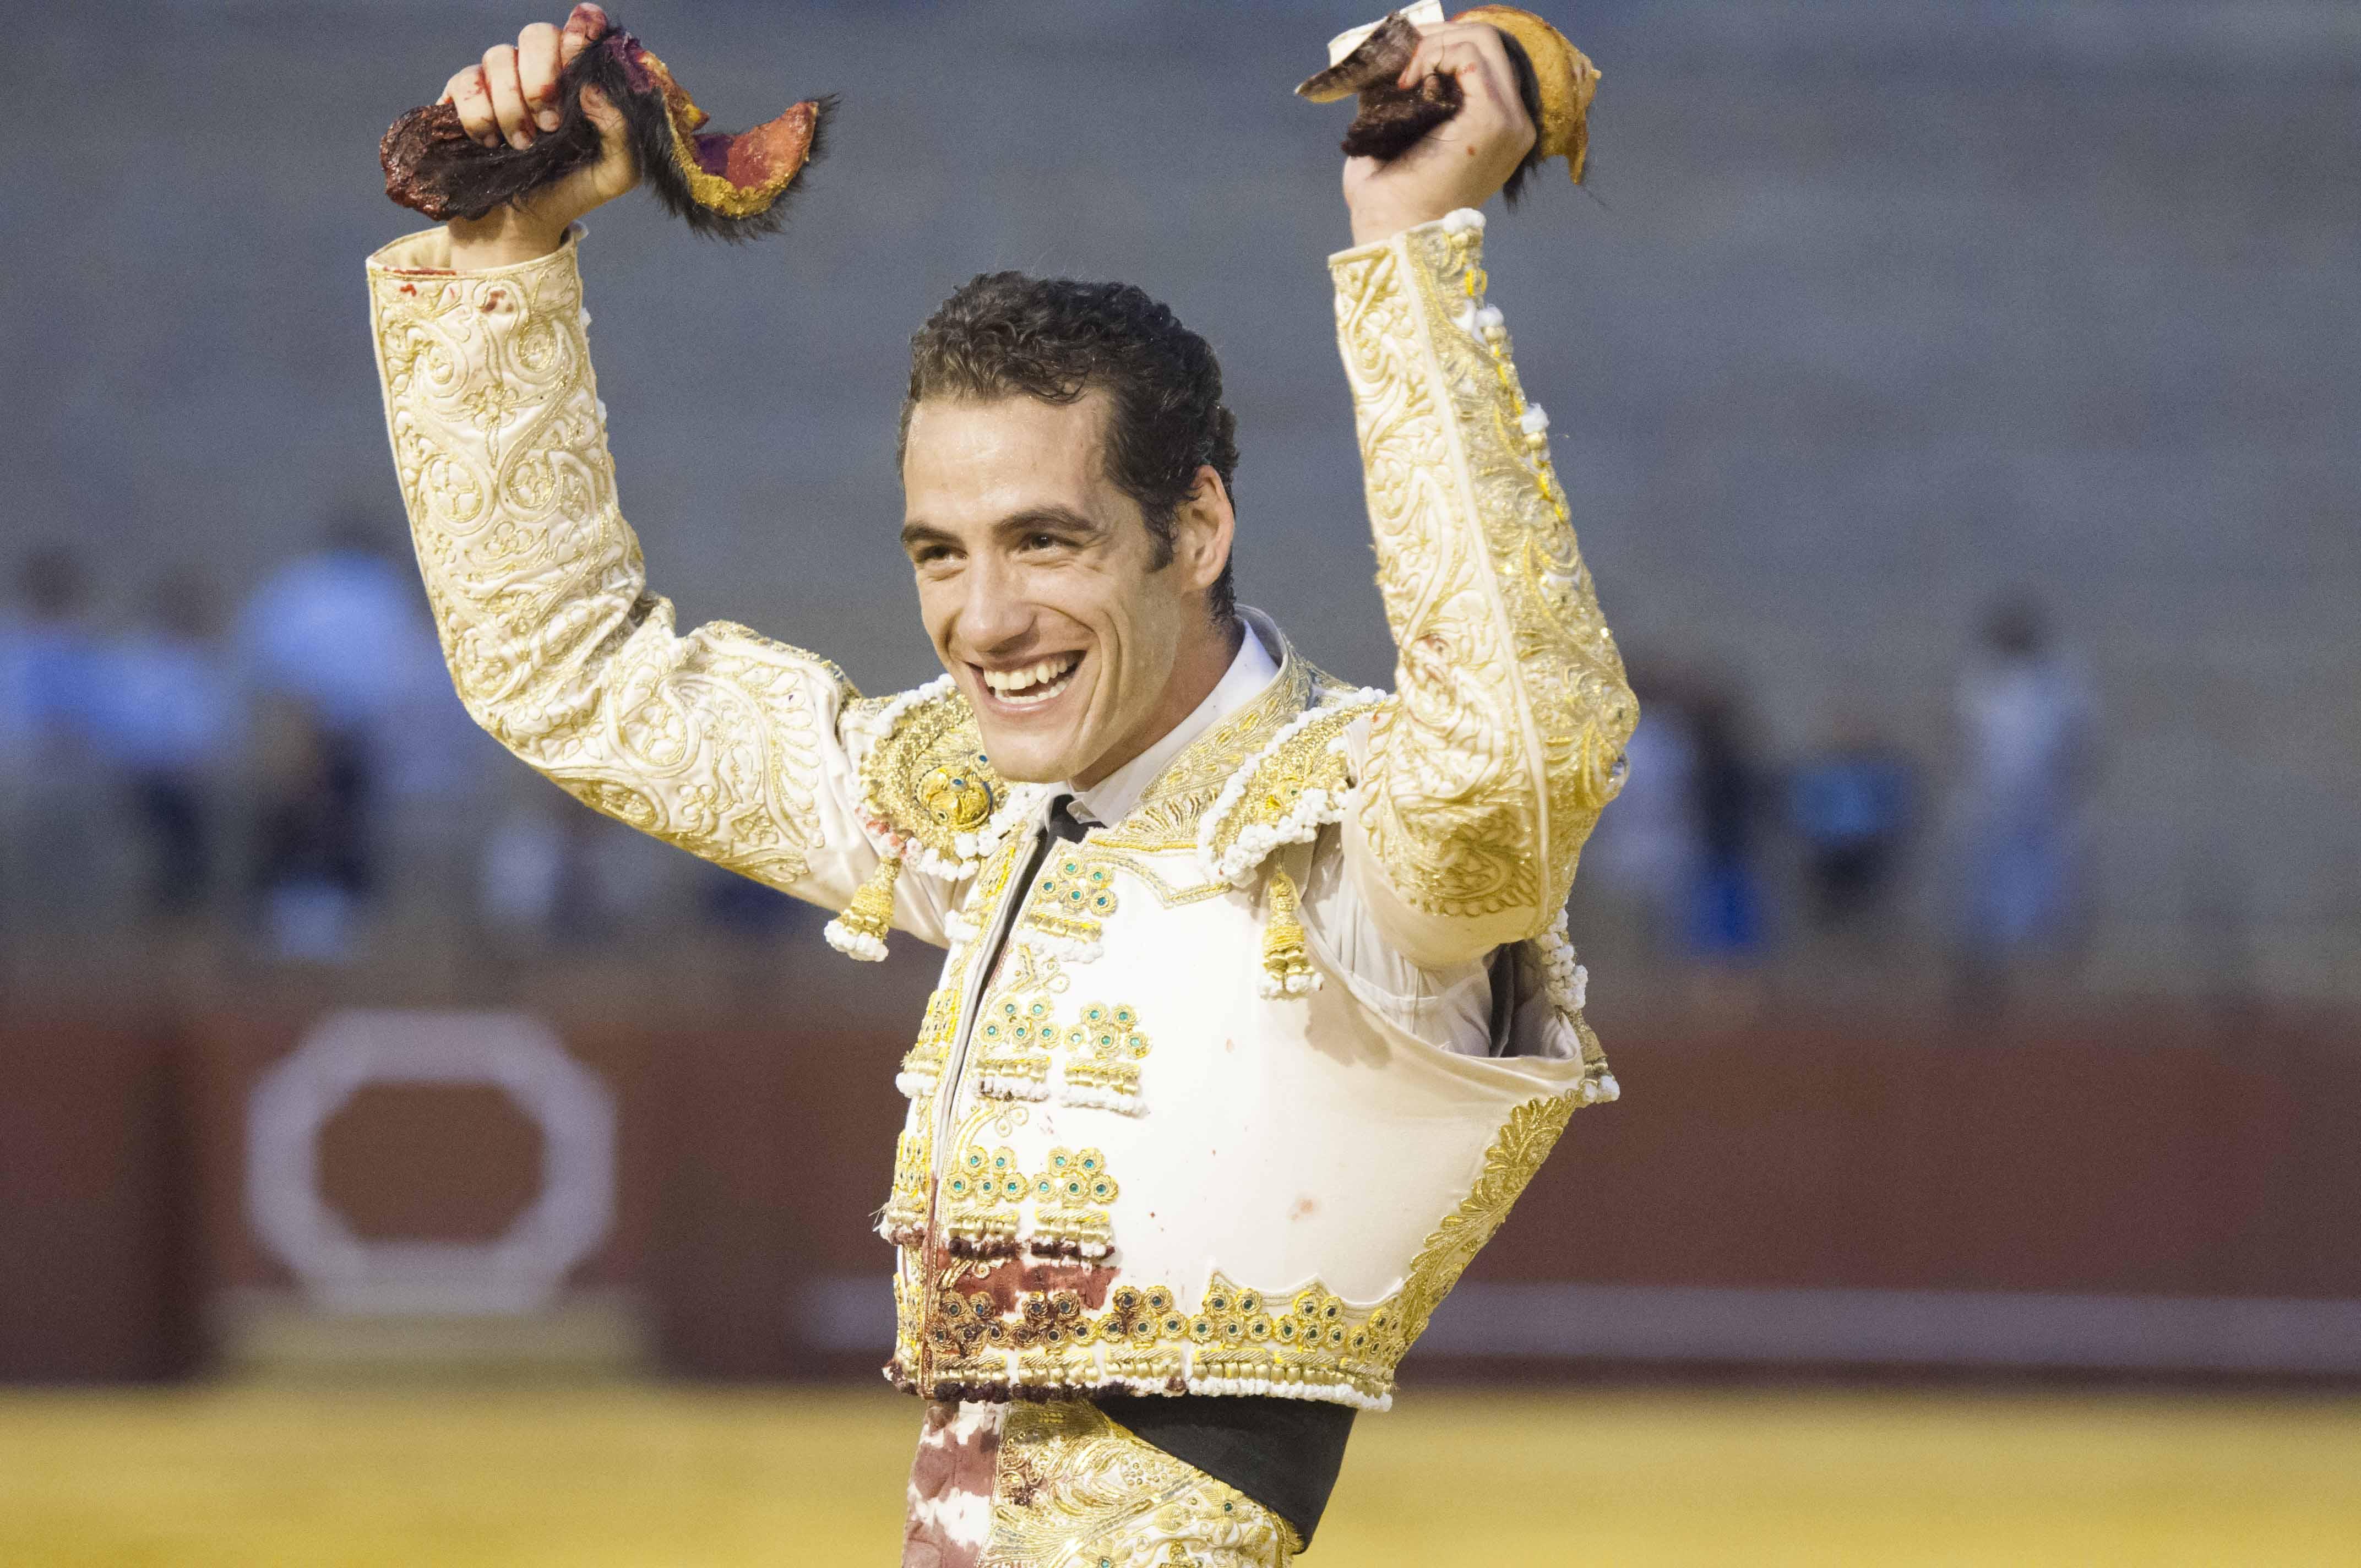 Pepe Moral, en pleno triunfo en la Maestranza de Sevilla. / J. M. Paisano